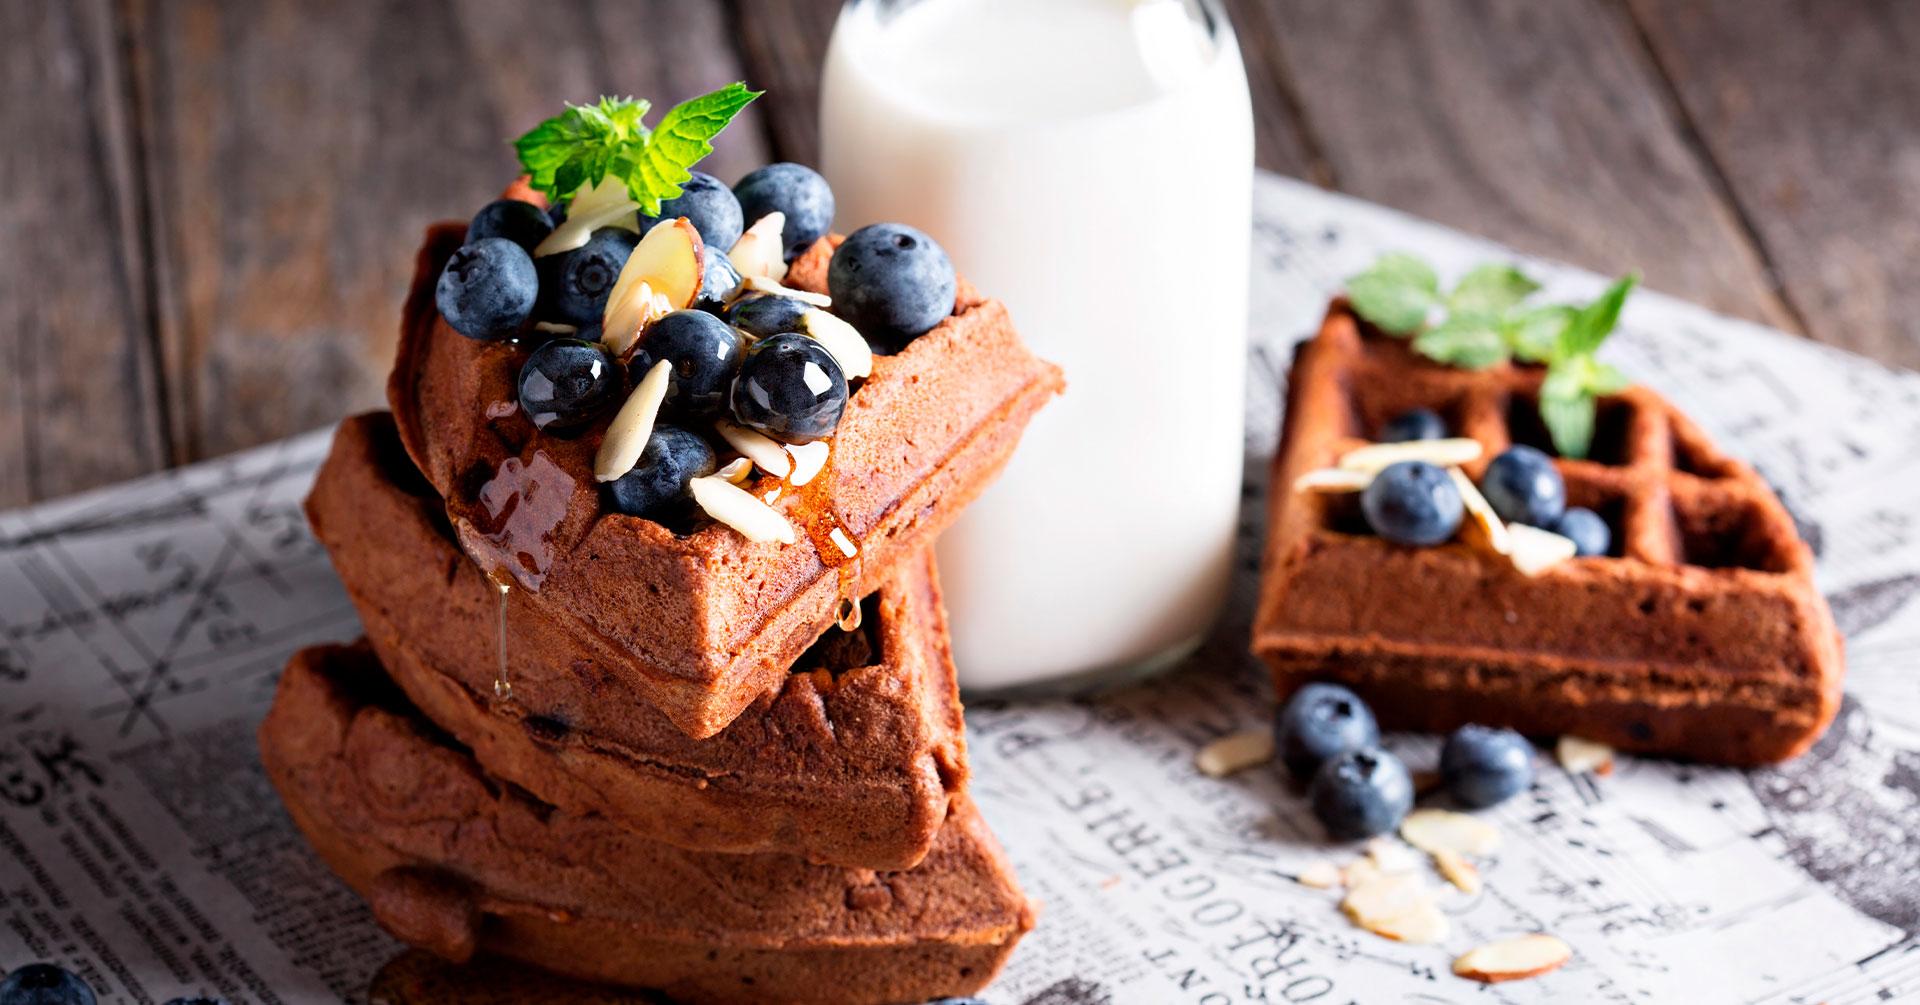 Deliciosos wafles de avena y chocolate